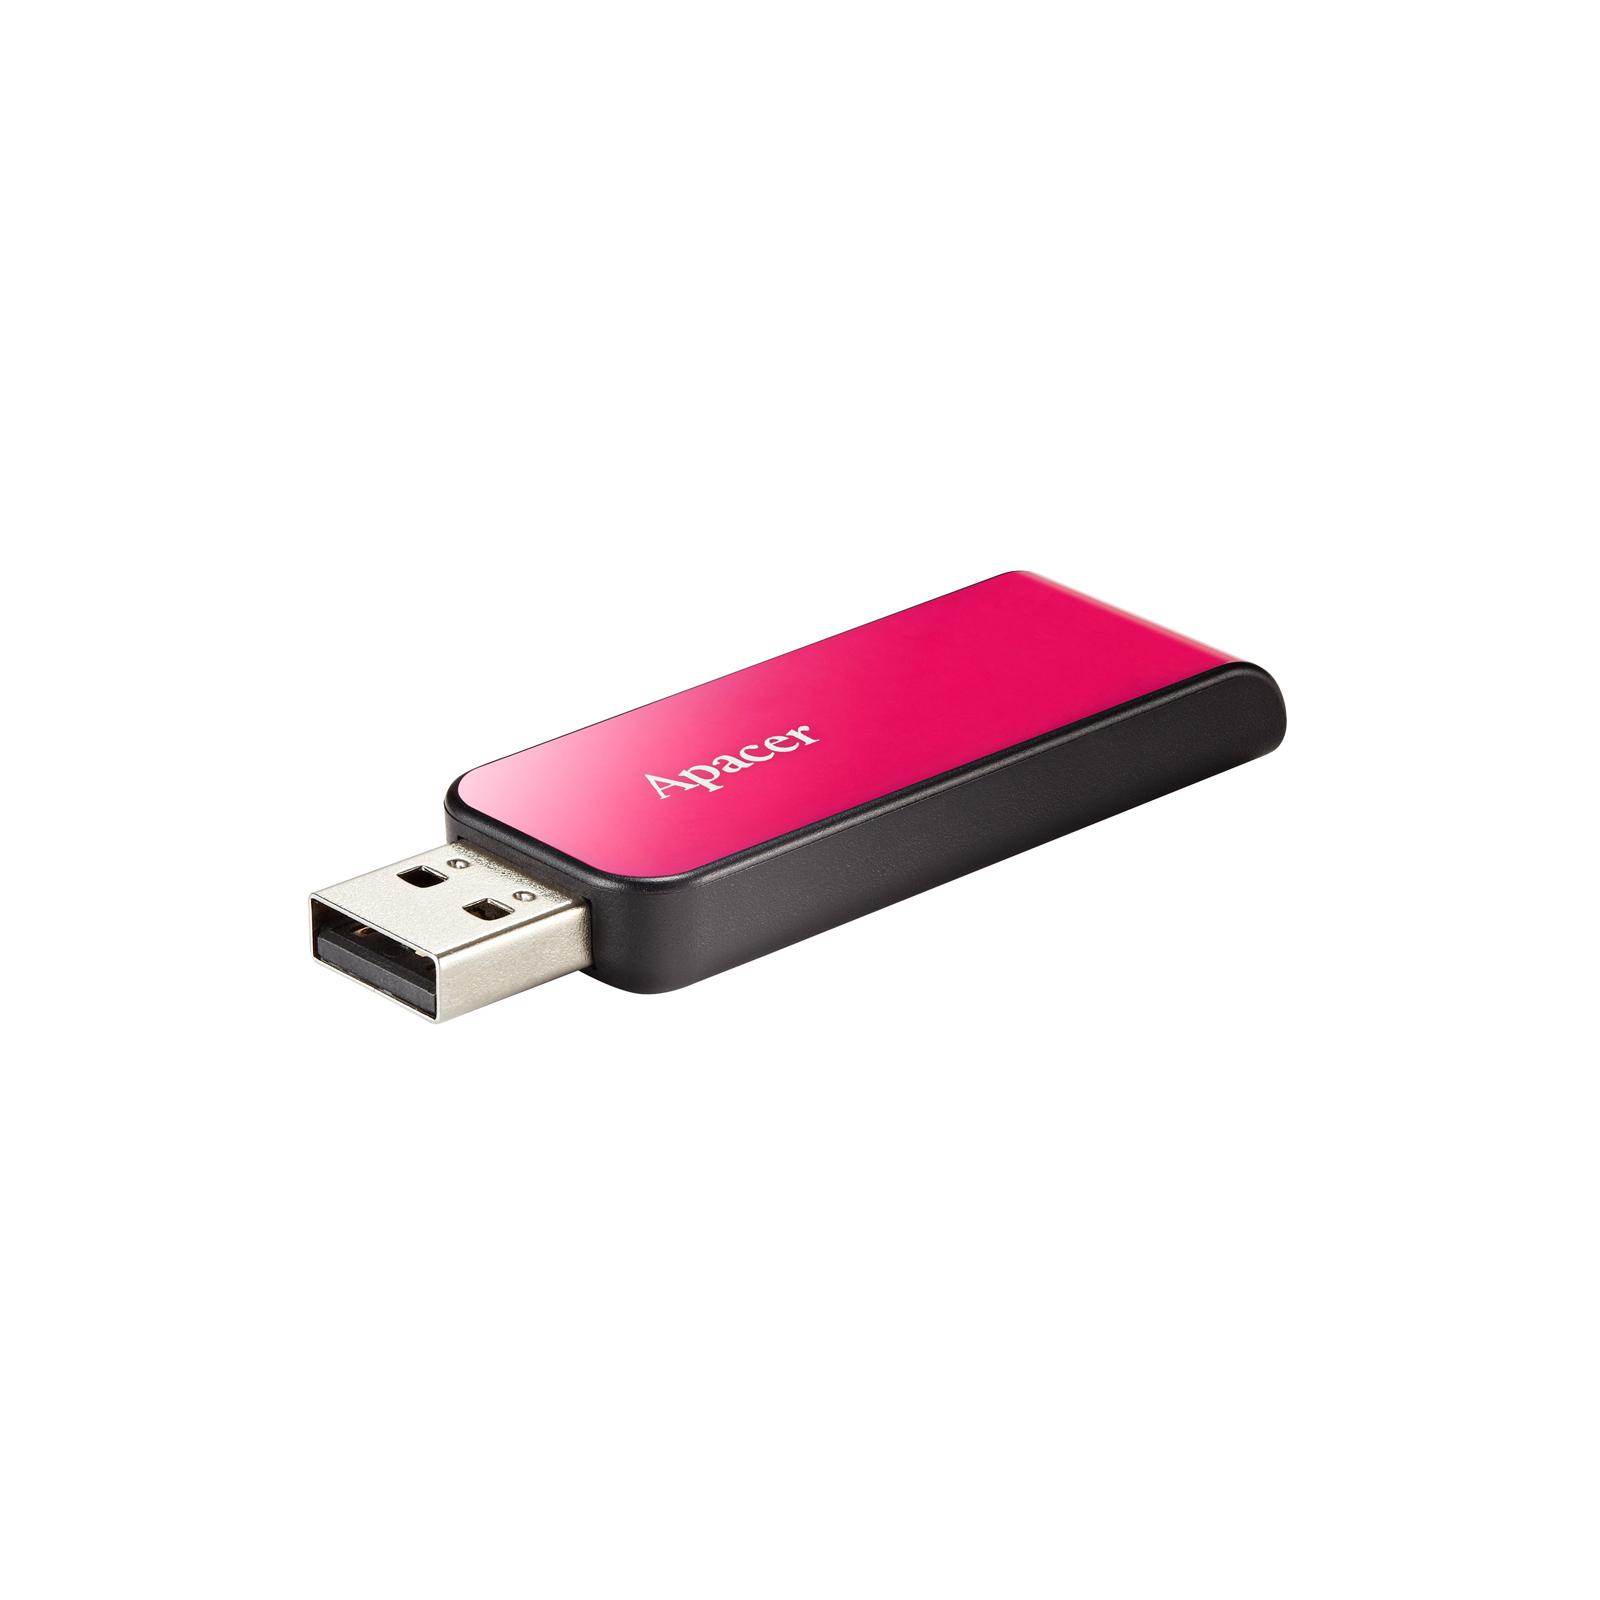 USB флеш накопитель Apacer 16GB AH334 pink USB 2.0 (AP16GAH334P-1) изображение 3